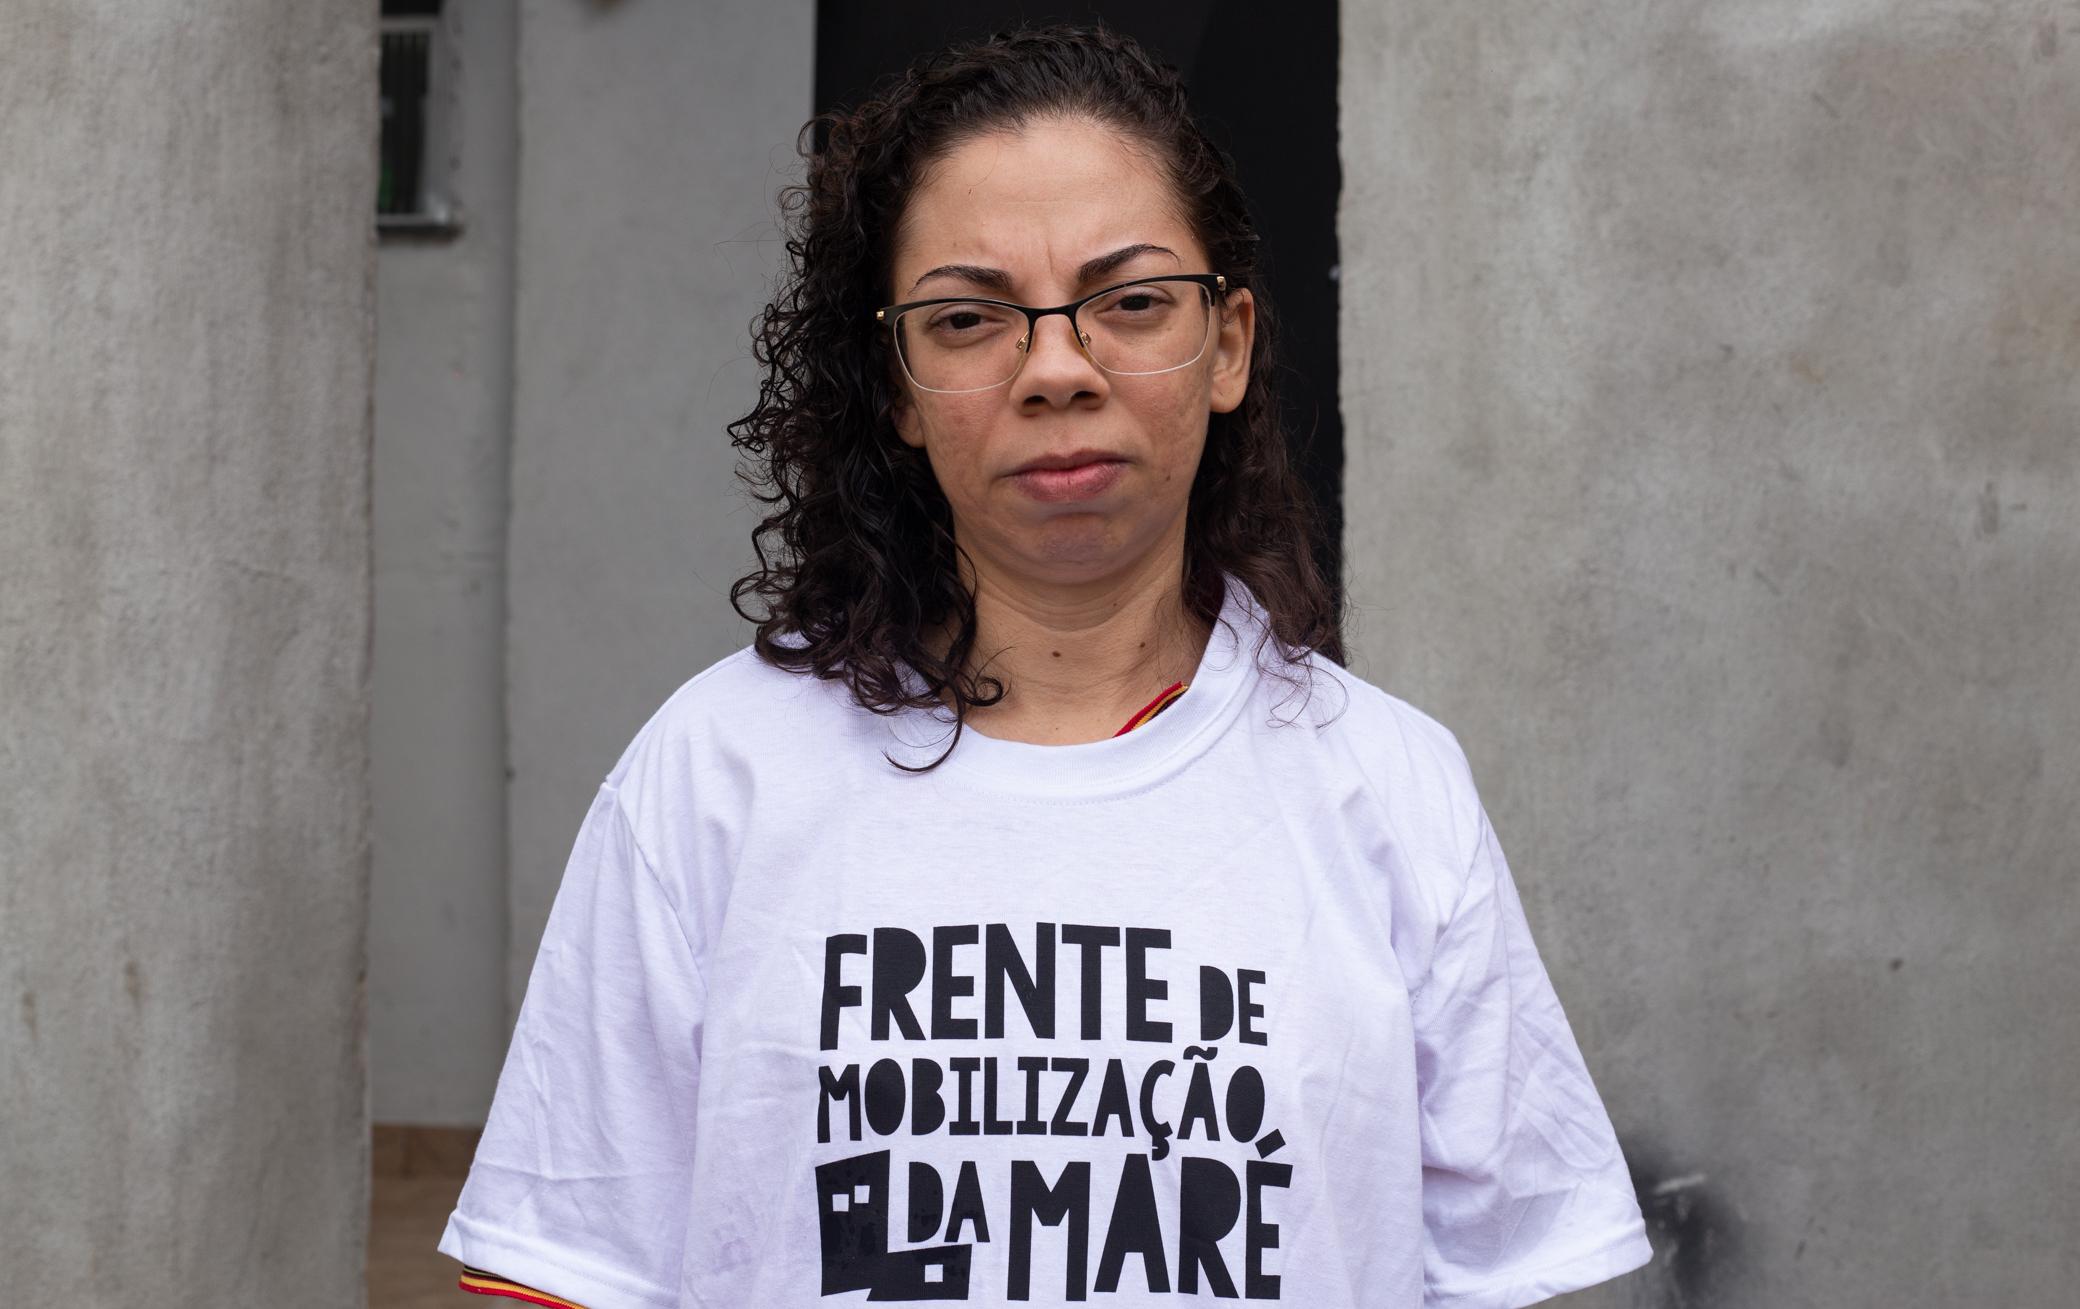 Gizele Martins: cria da Maré, moradora está na linha de frente contra a Covid-19 na comunidade